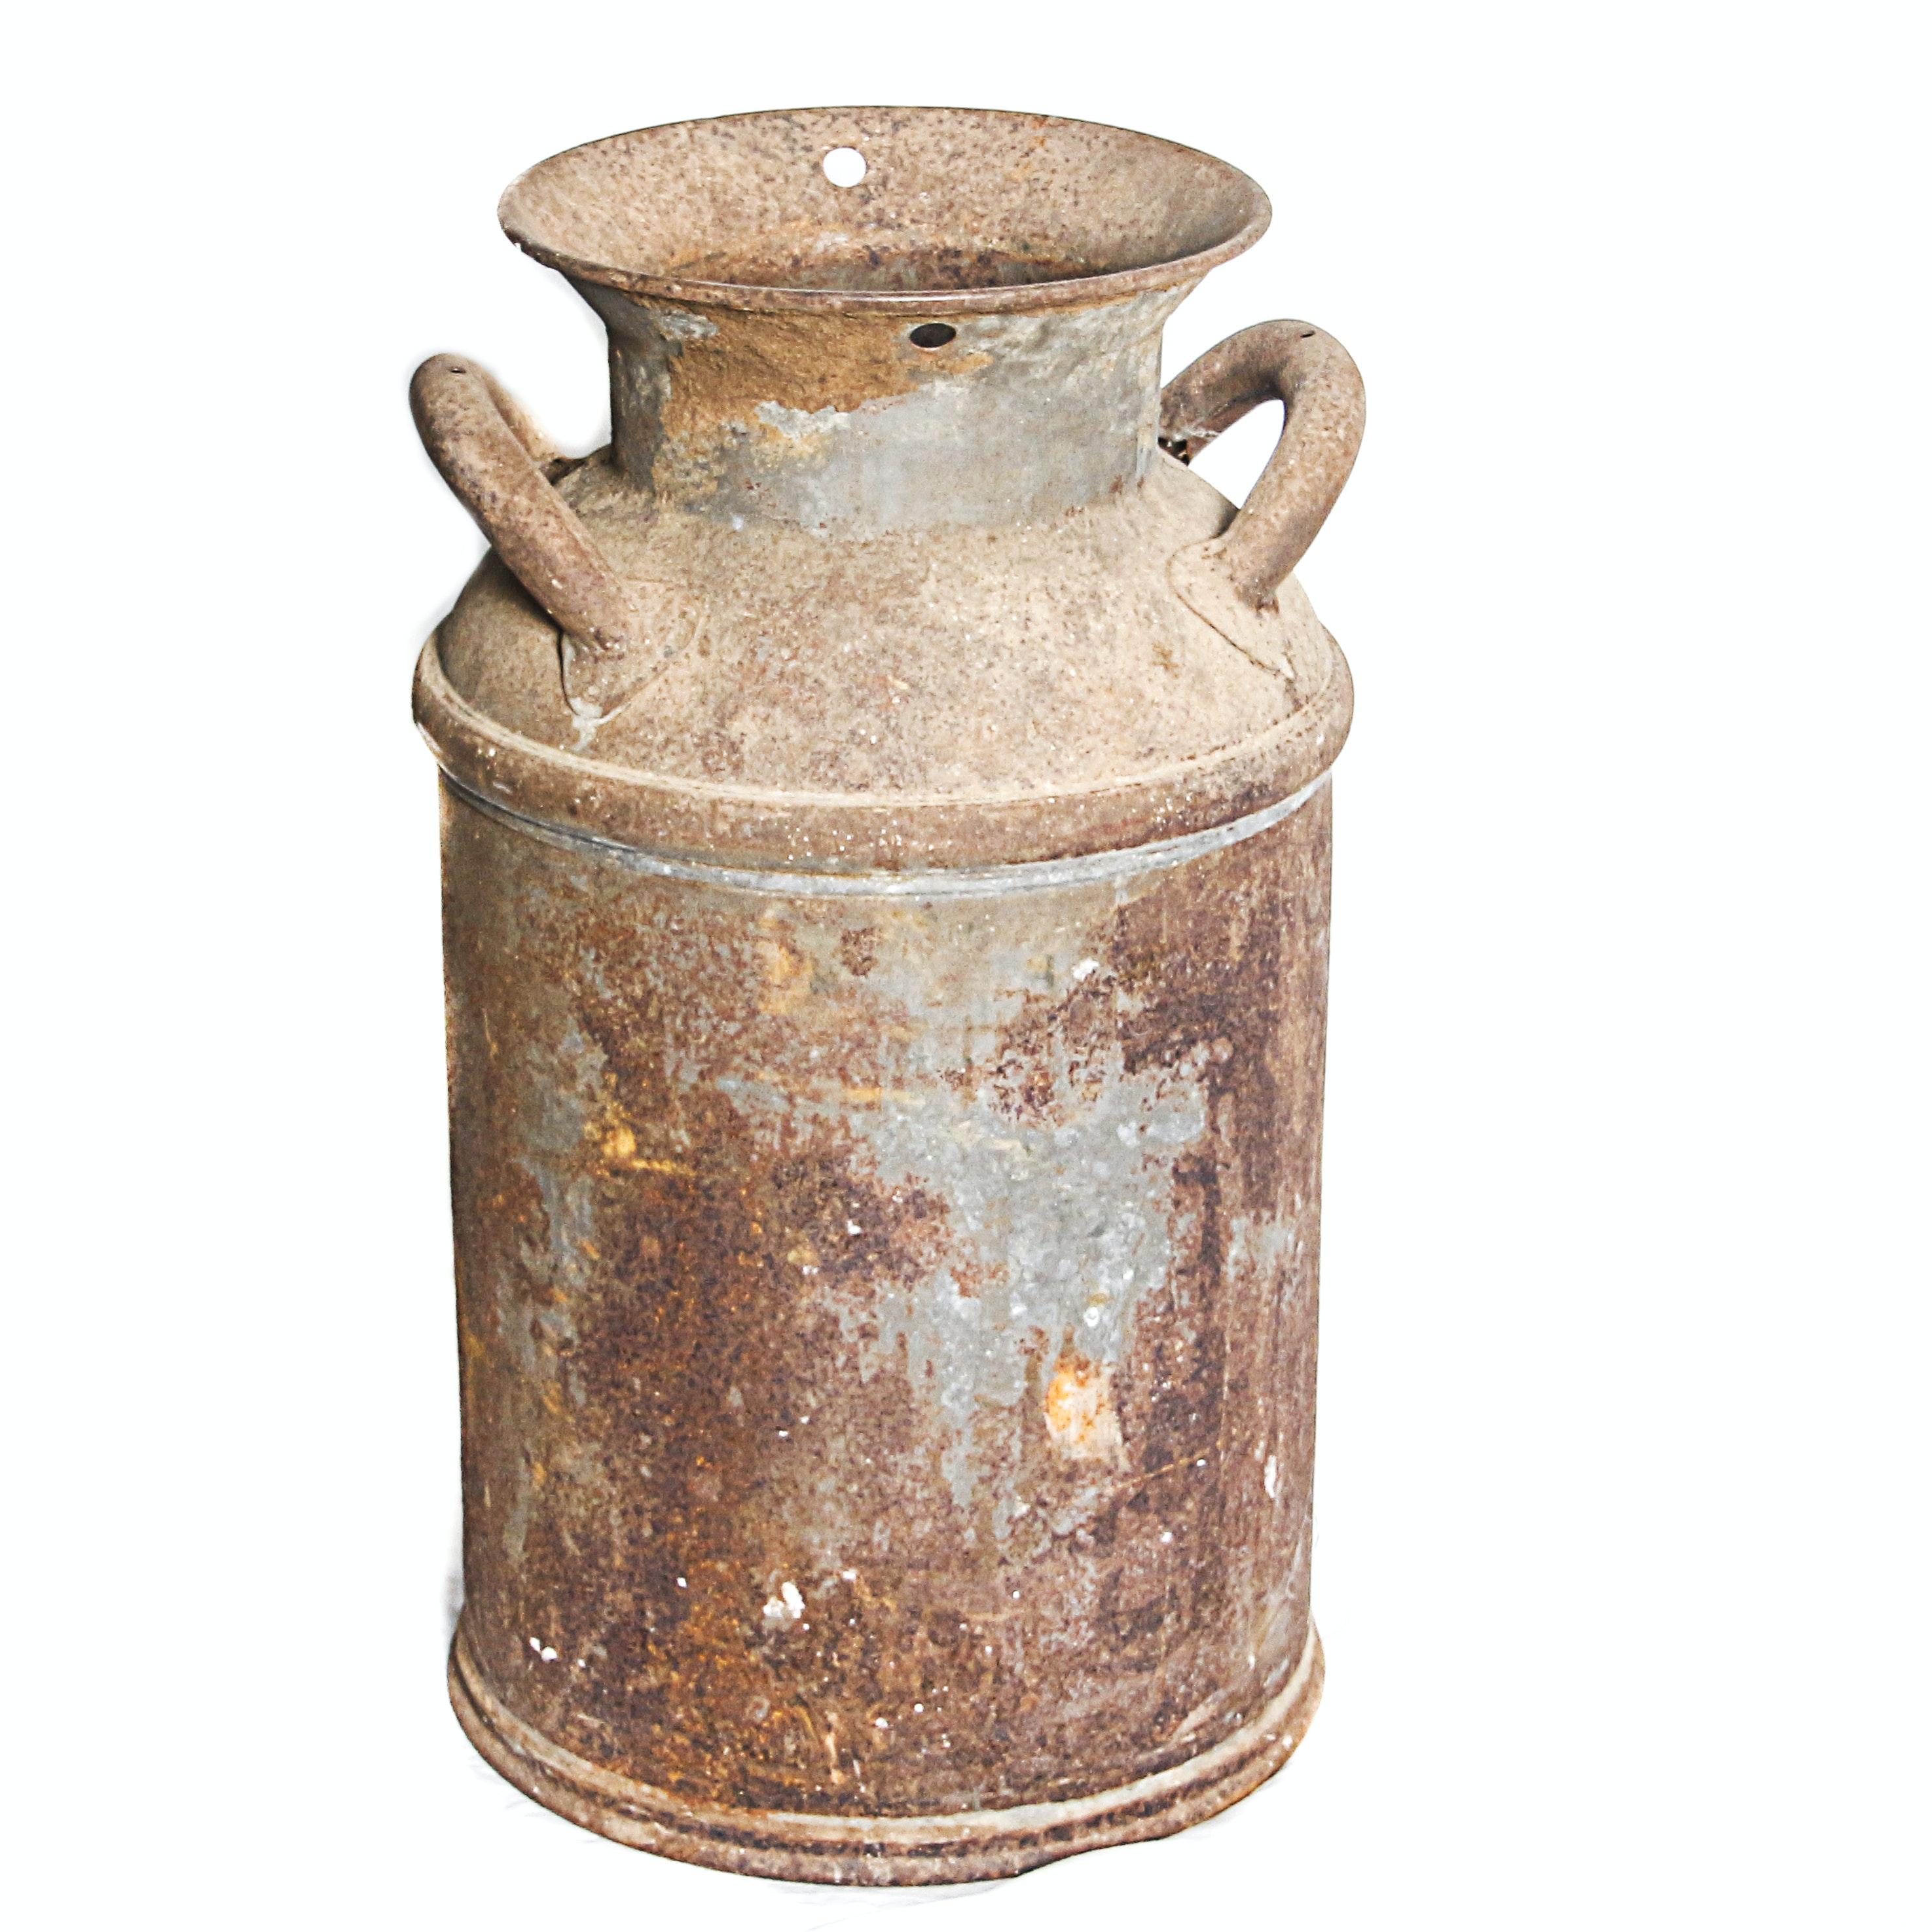 Vintage Distressed Metal Milk Can